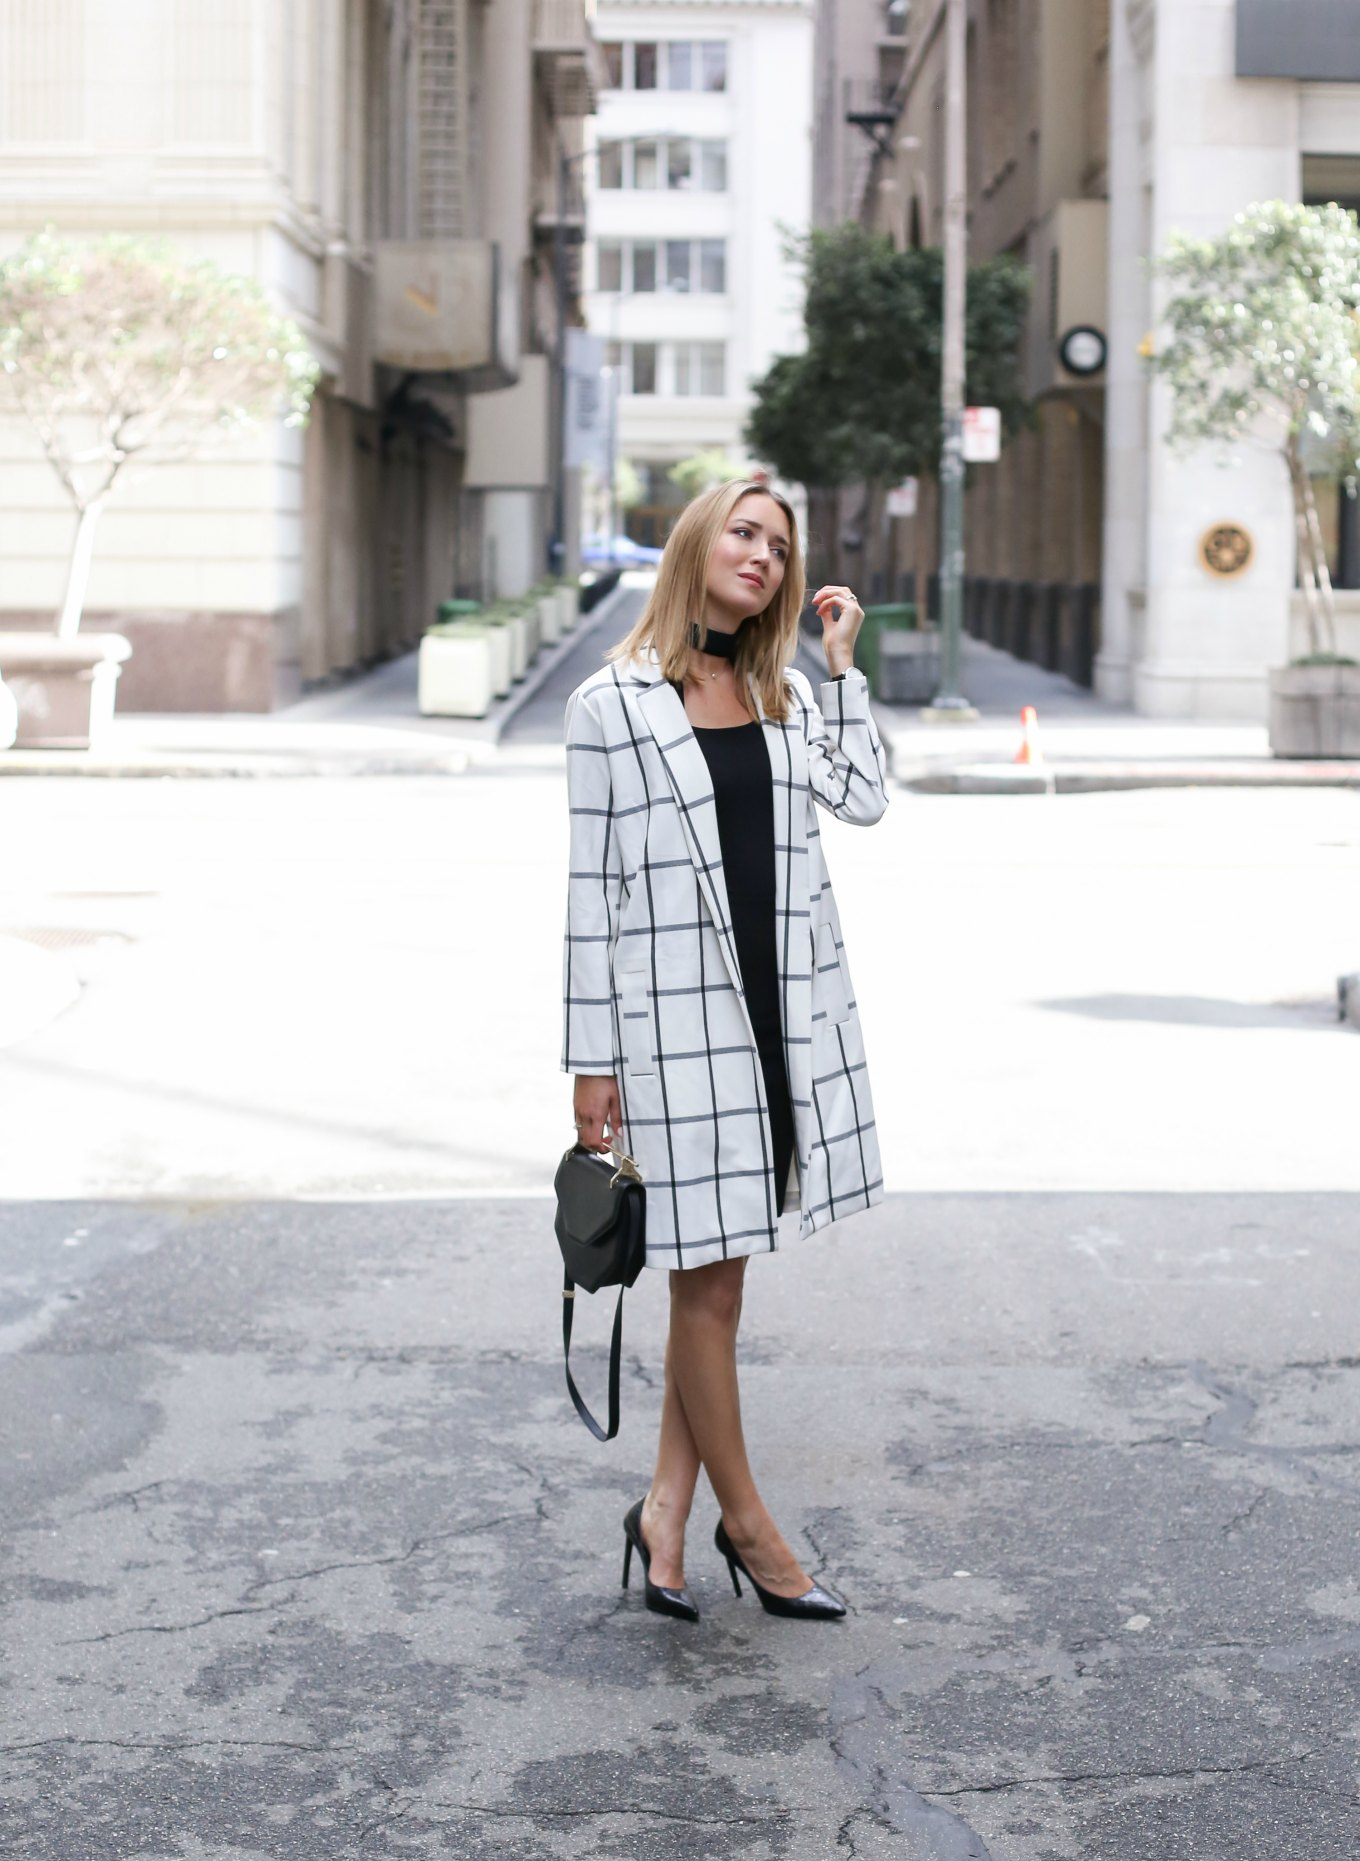 Офисный стиль состоит из лаконичного платья - футляра черного цвета , белого тренча в широкую клетку, классические лакированные туфли и сумки.